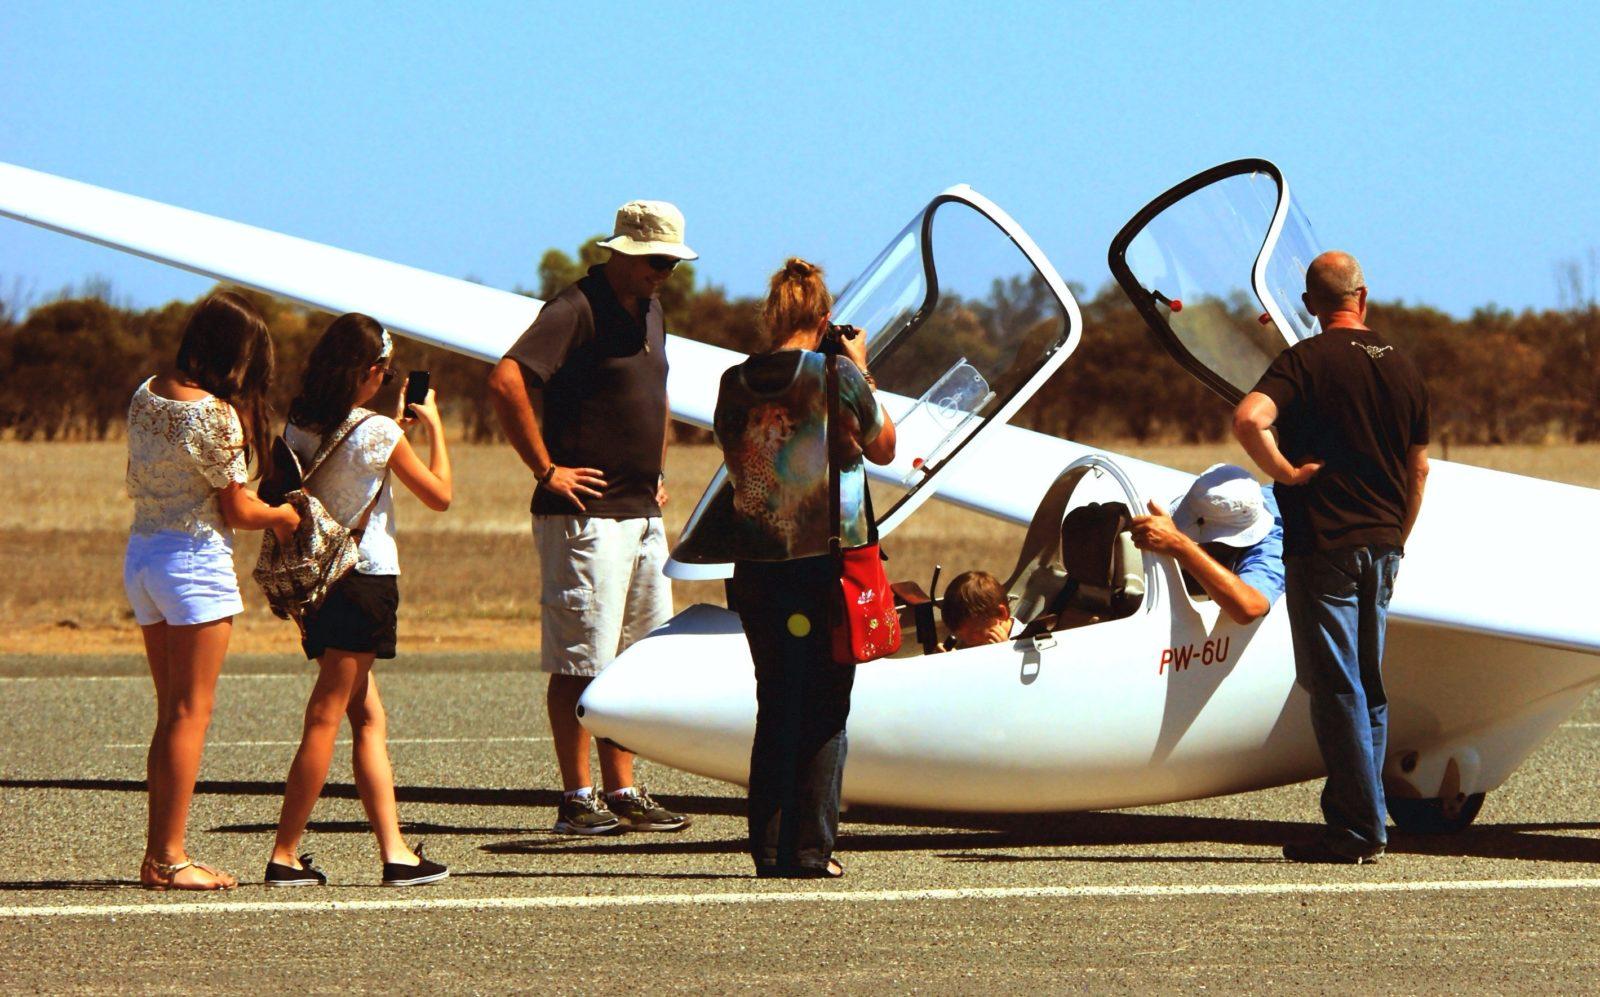 Gliding Club of Western Australia, Cunderdin, Western Australia